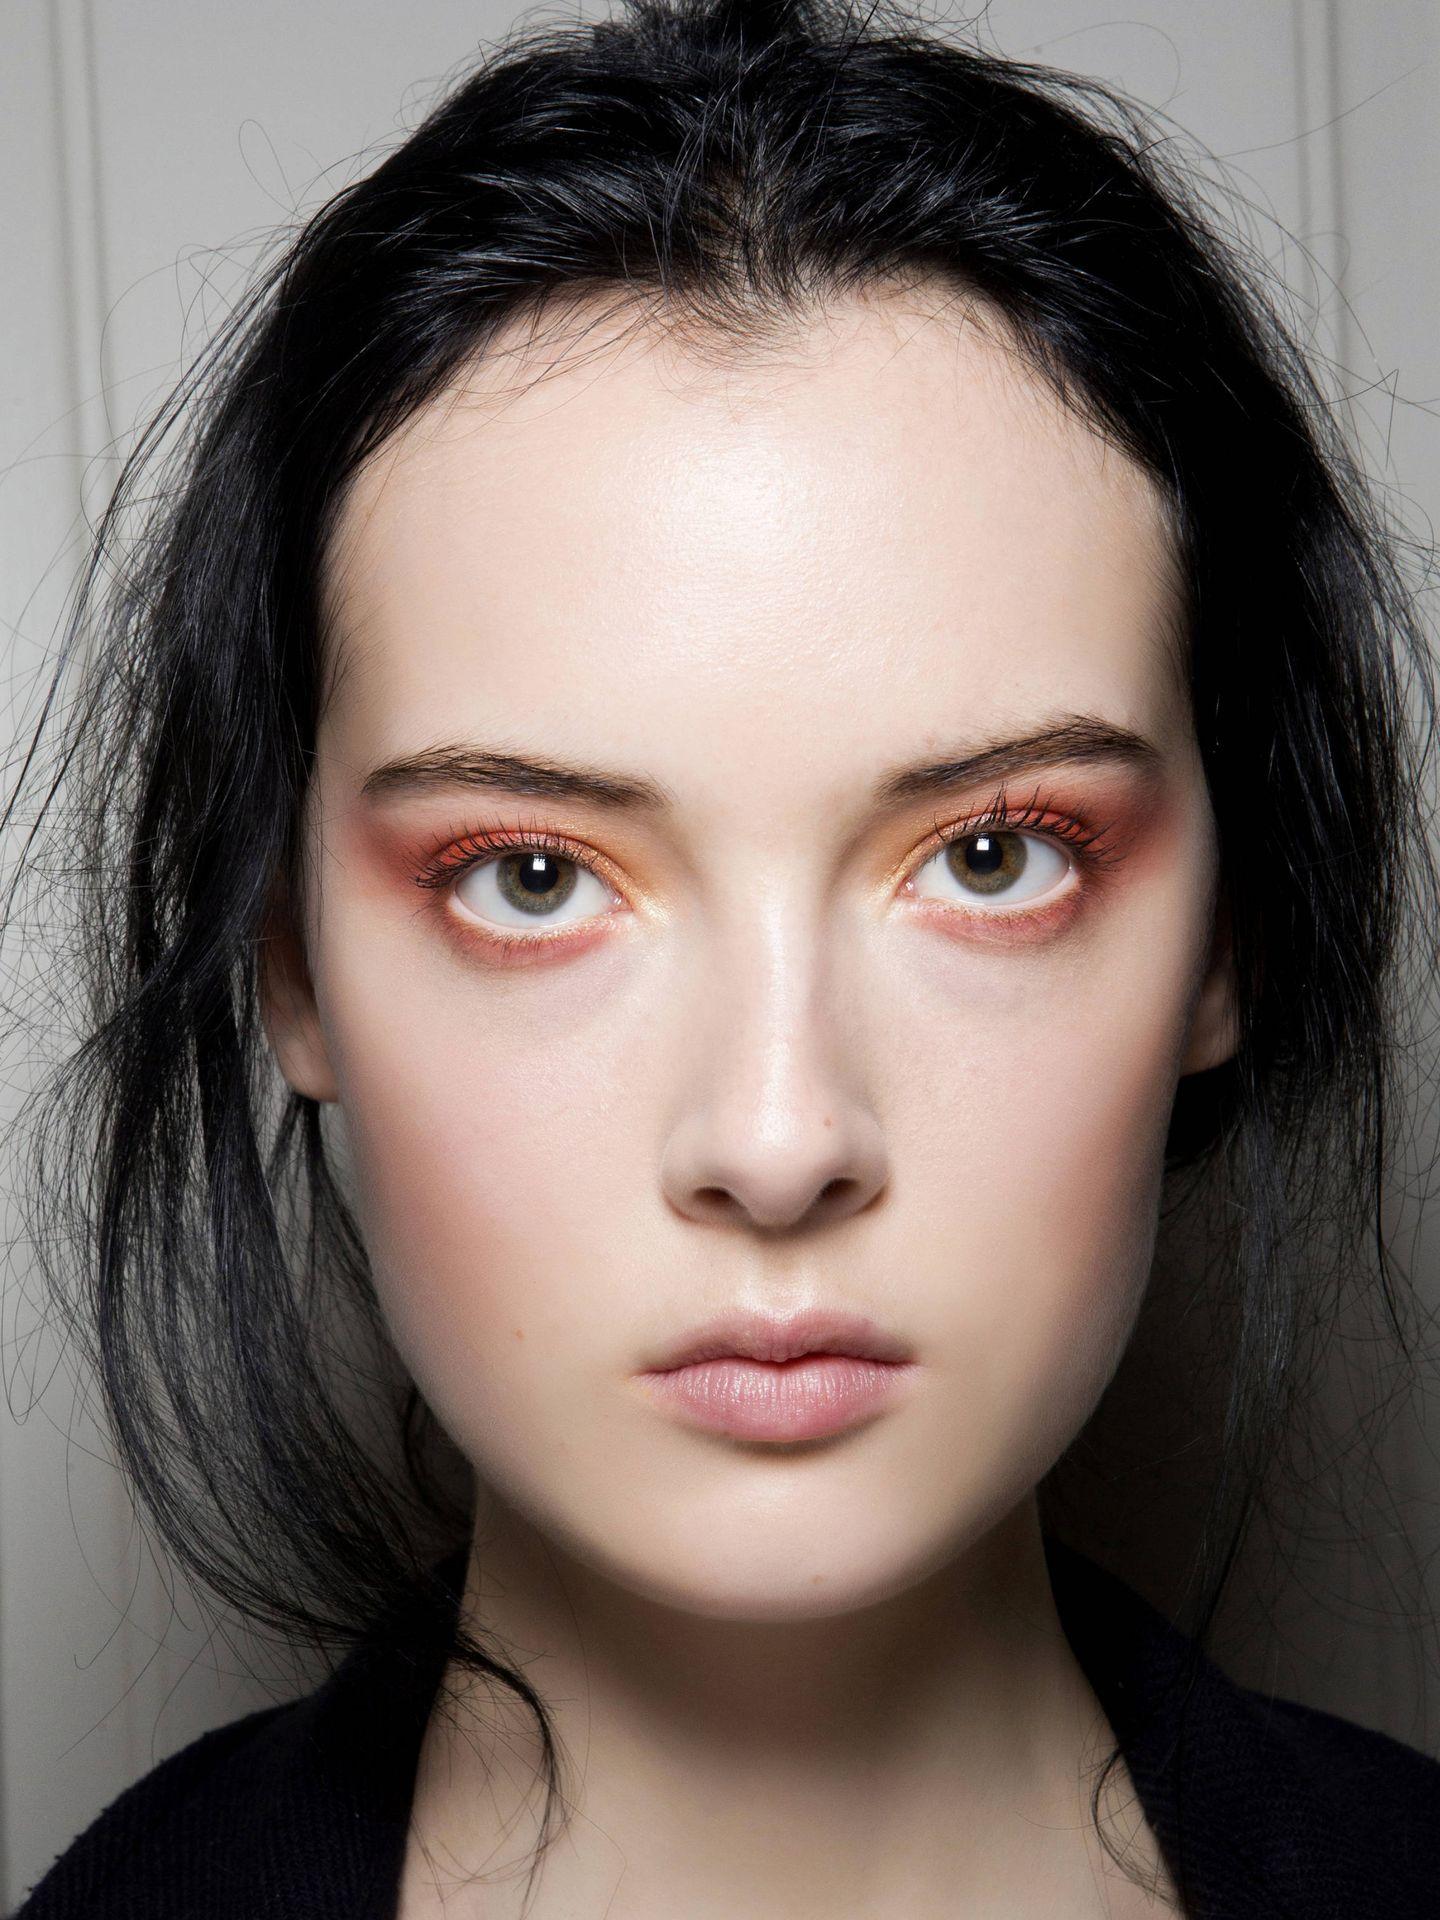 La frente, el ceño y el contorno de ojos son las zonas en las que suelen aparecer las primeras arrugas. (Imaxtree)